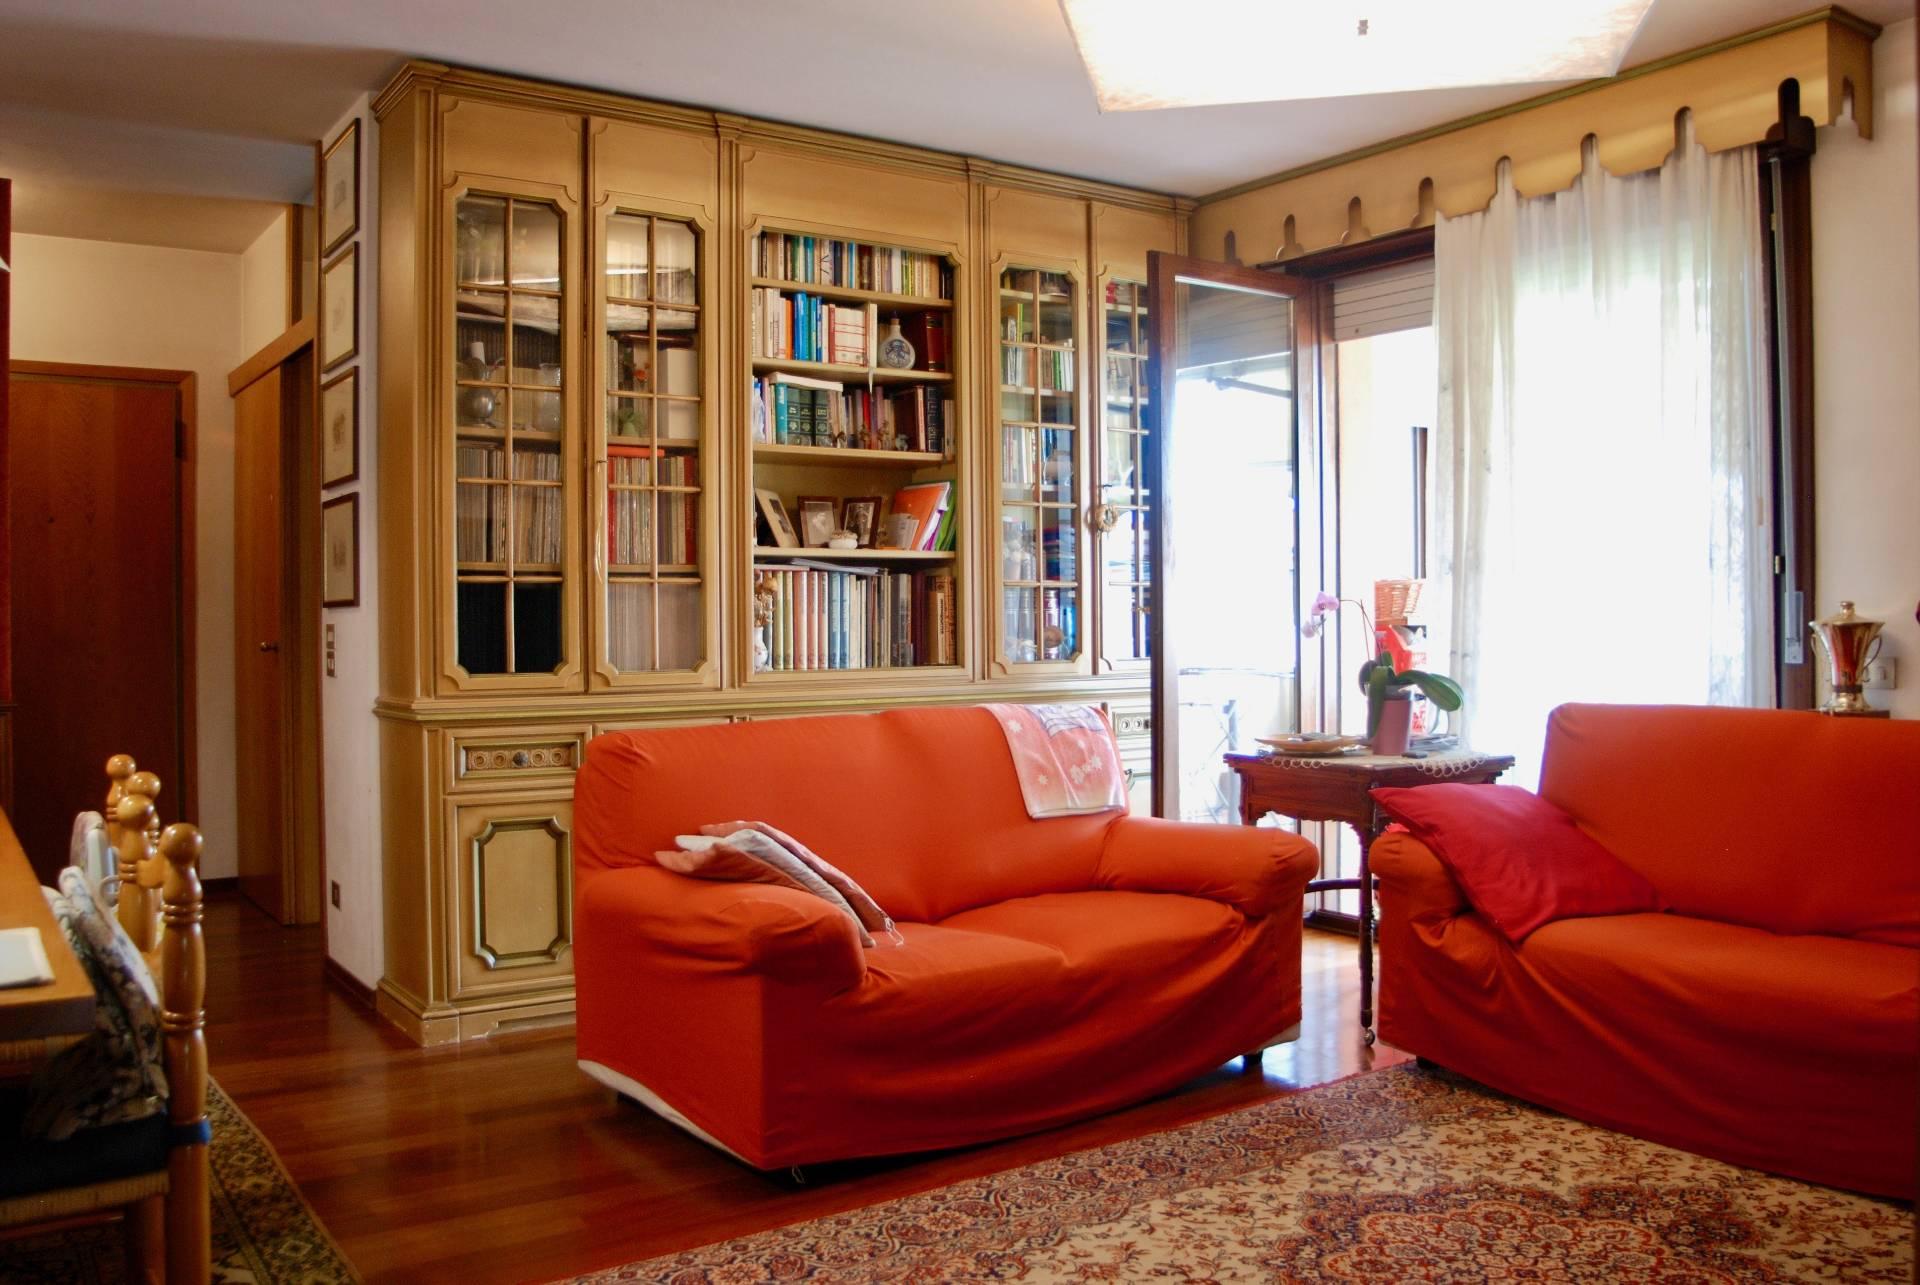 Appartamento in vendita a Spresiano, 7 locali, zona Località: Centro, prezzo € 140.000 | CambioCasa.it